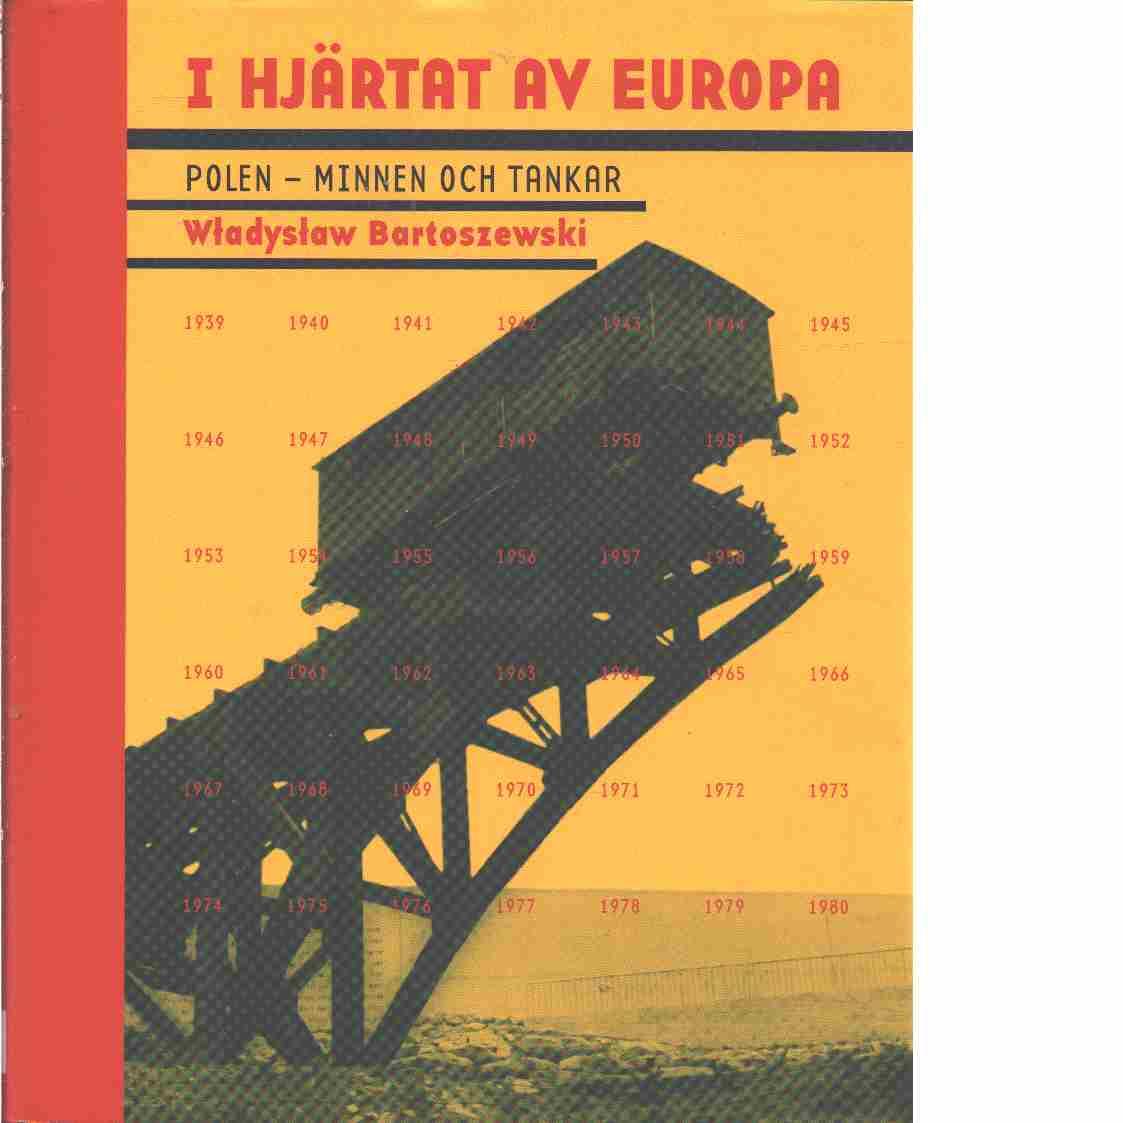 I hjärtat av Europa : [Polen - minnen och tankar] - Bartoszewski, W³adys³aw